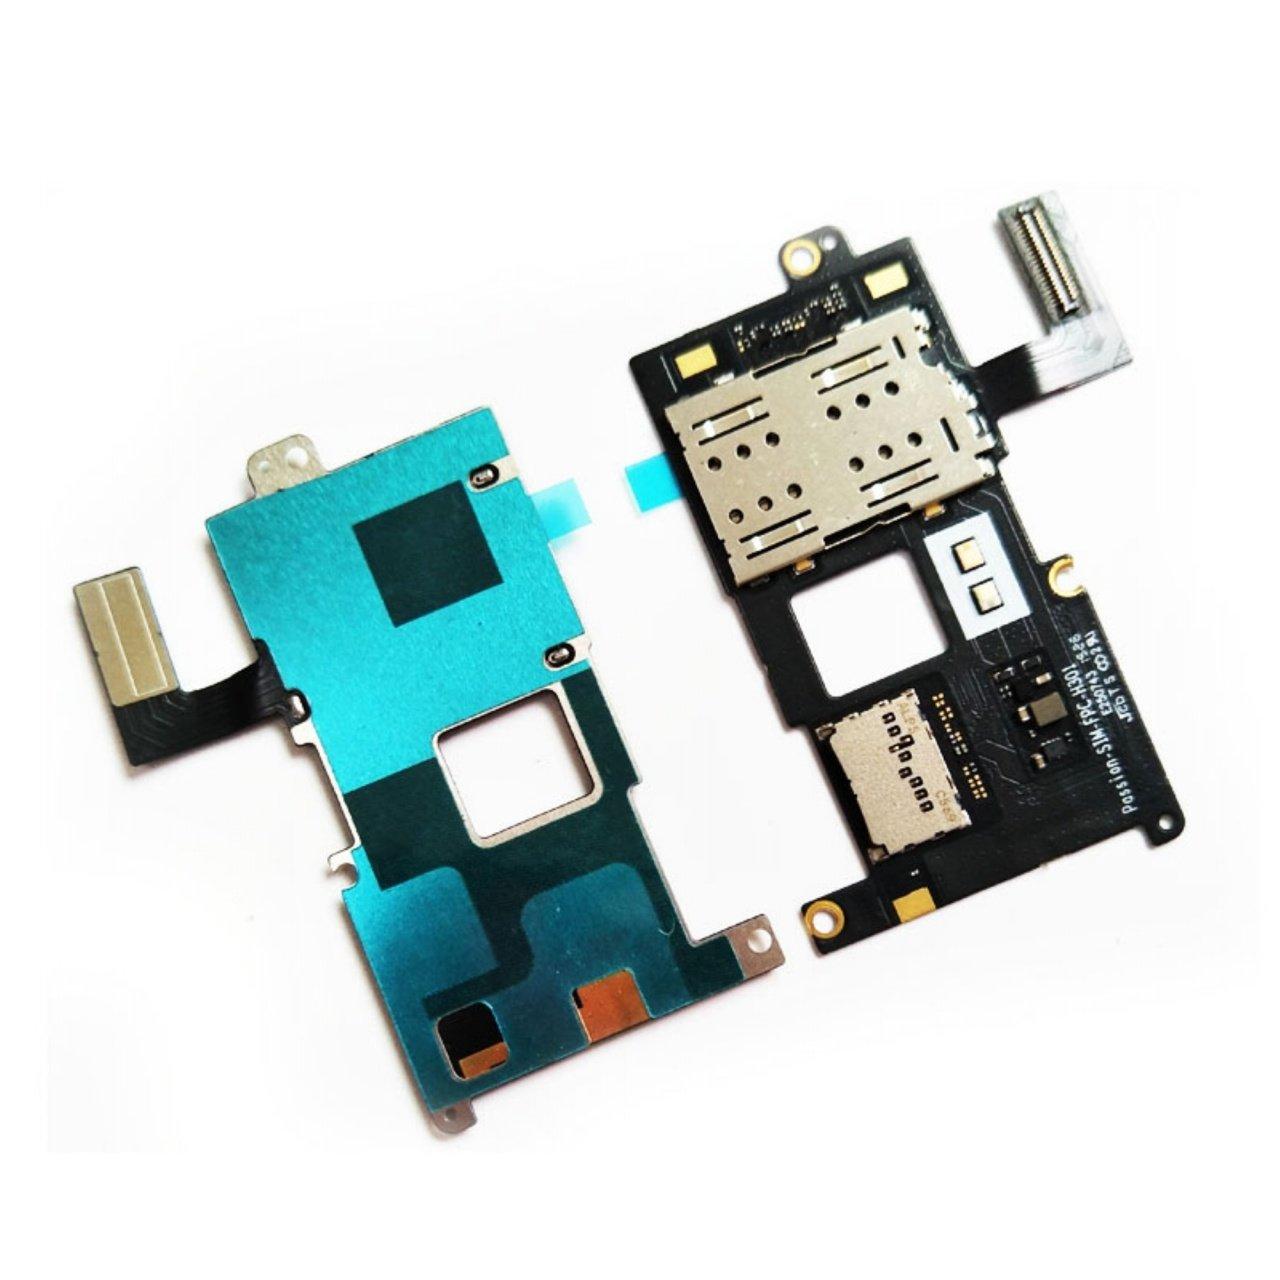   Microzen Cep Telefonu Yedek Parça ve Aksesuar Mağazası